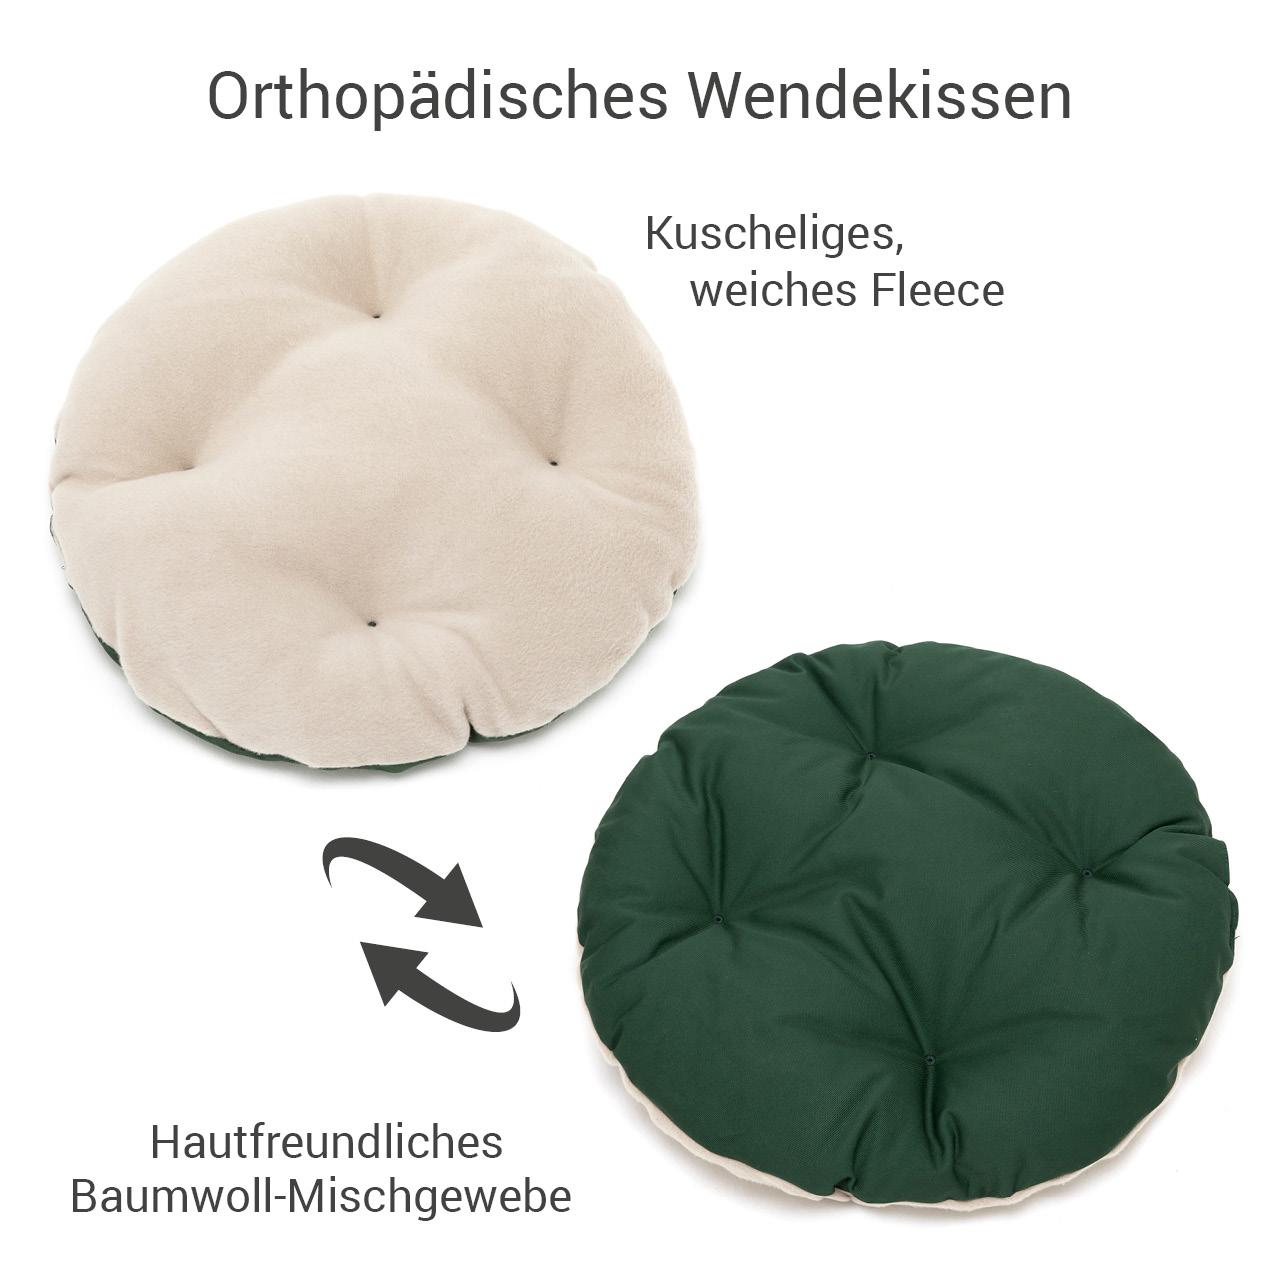 rundes Hundebett mit orthopädischem Wendekissen Doctor Bark Gr. S - beige-moosgrün